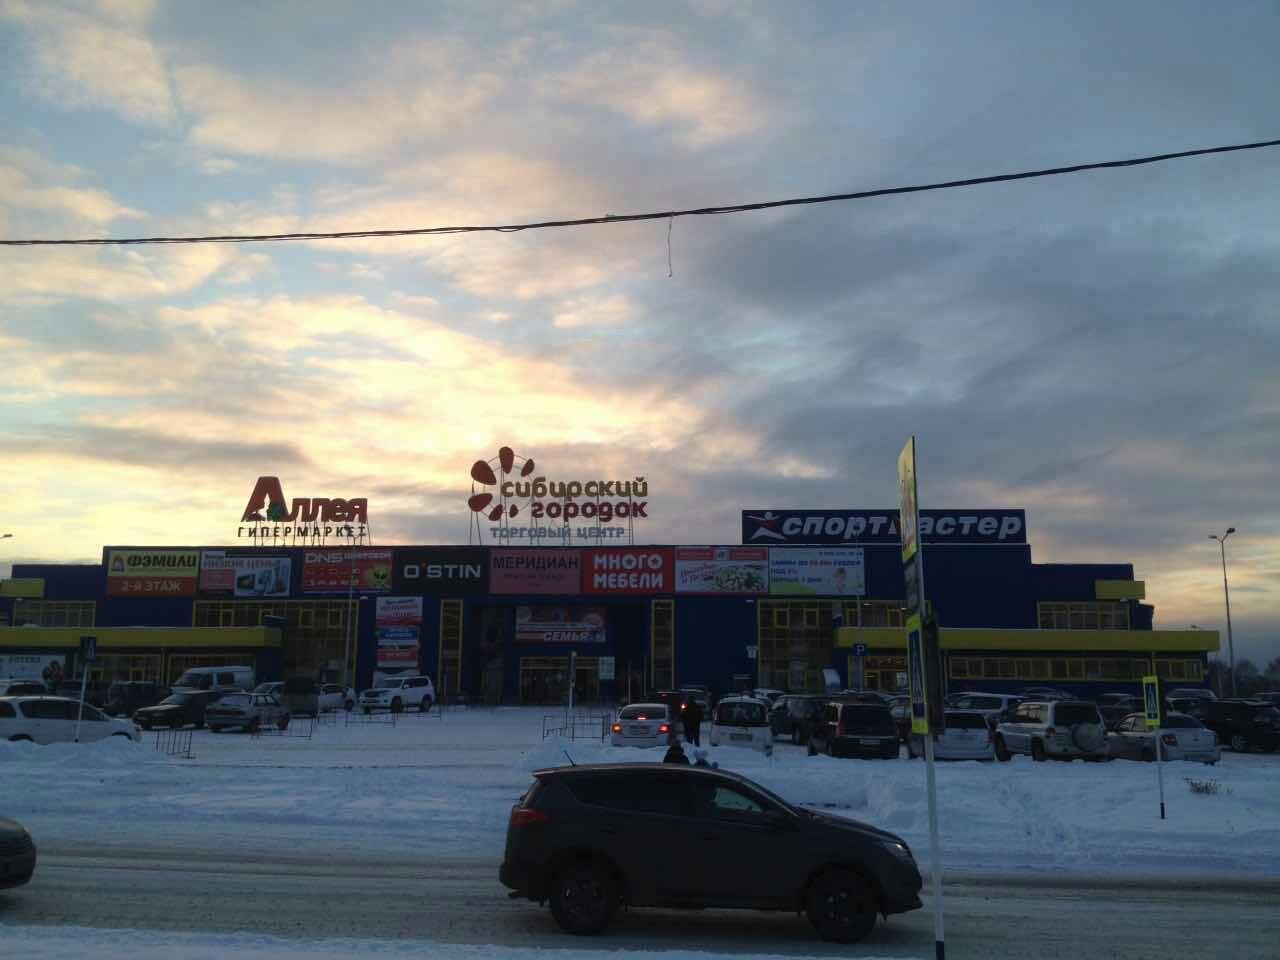 Зеленогорск Сибирский городок 100 Друзей